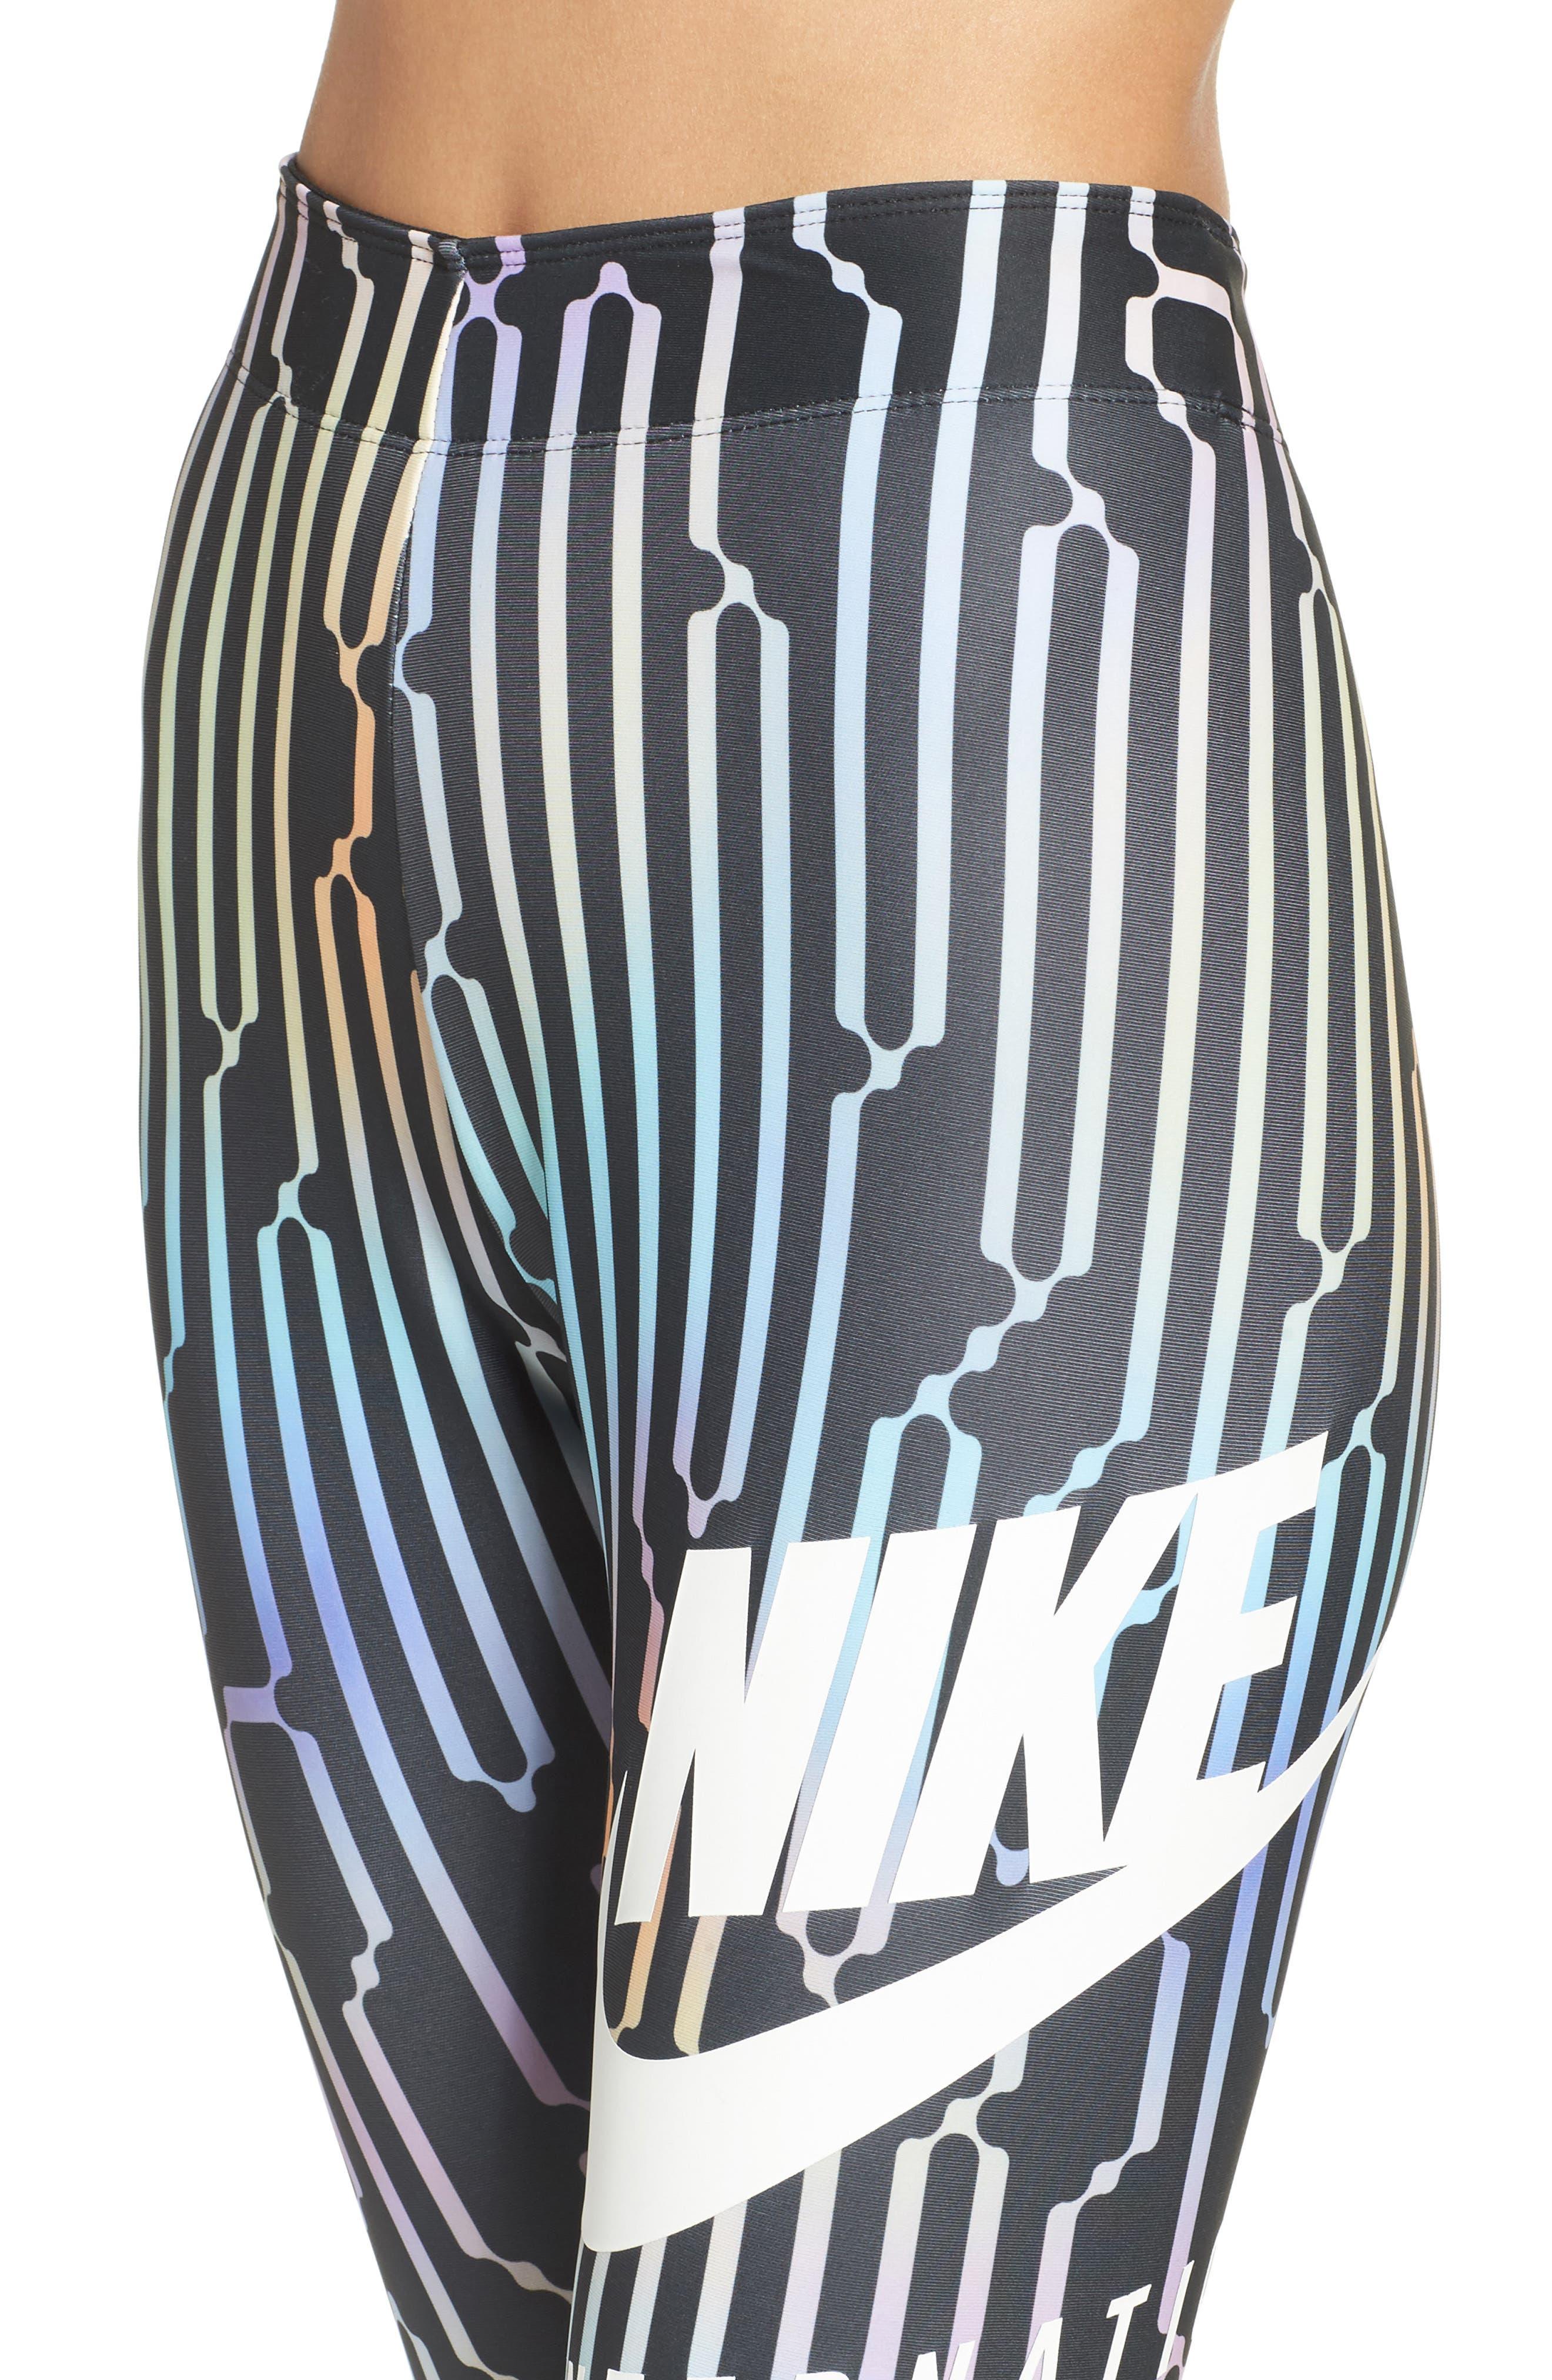 International Leggings,                             Alternate thumbnail 4, color,                             Black/ White